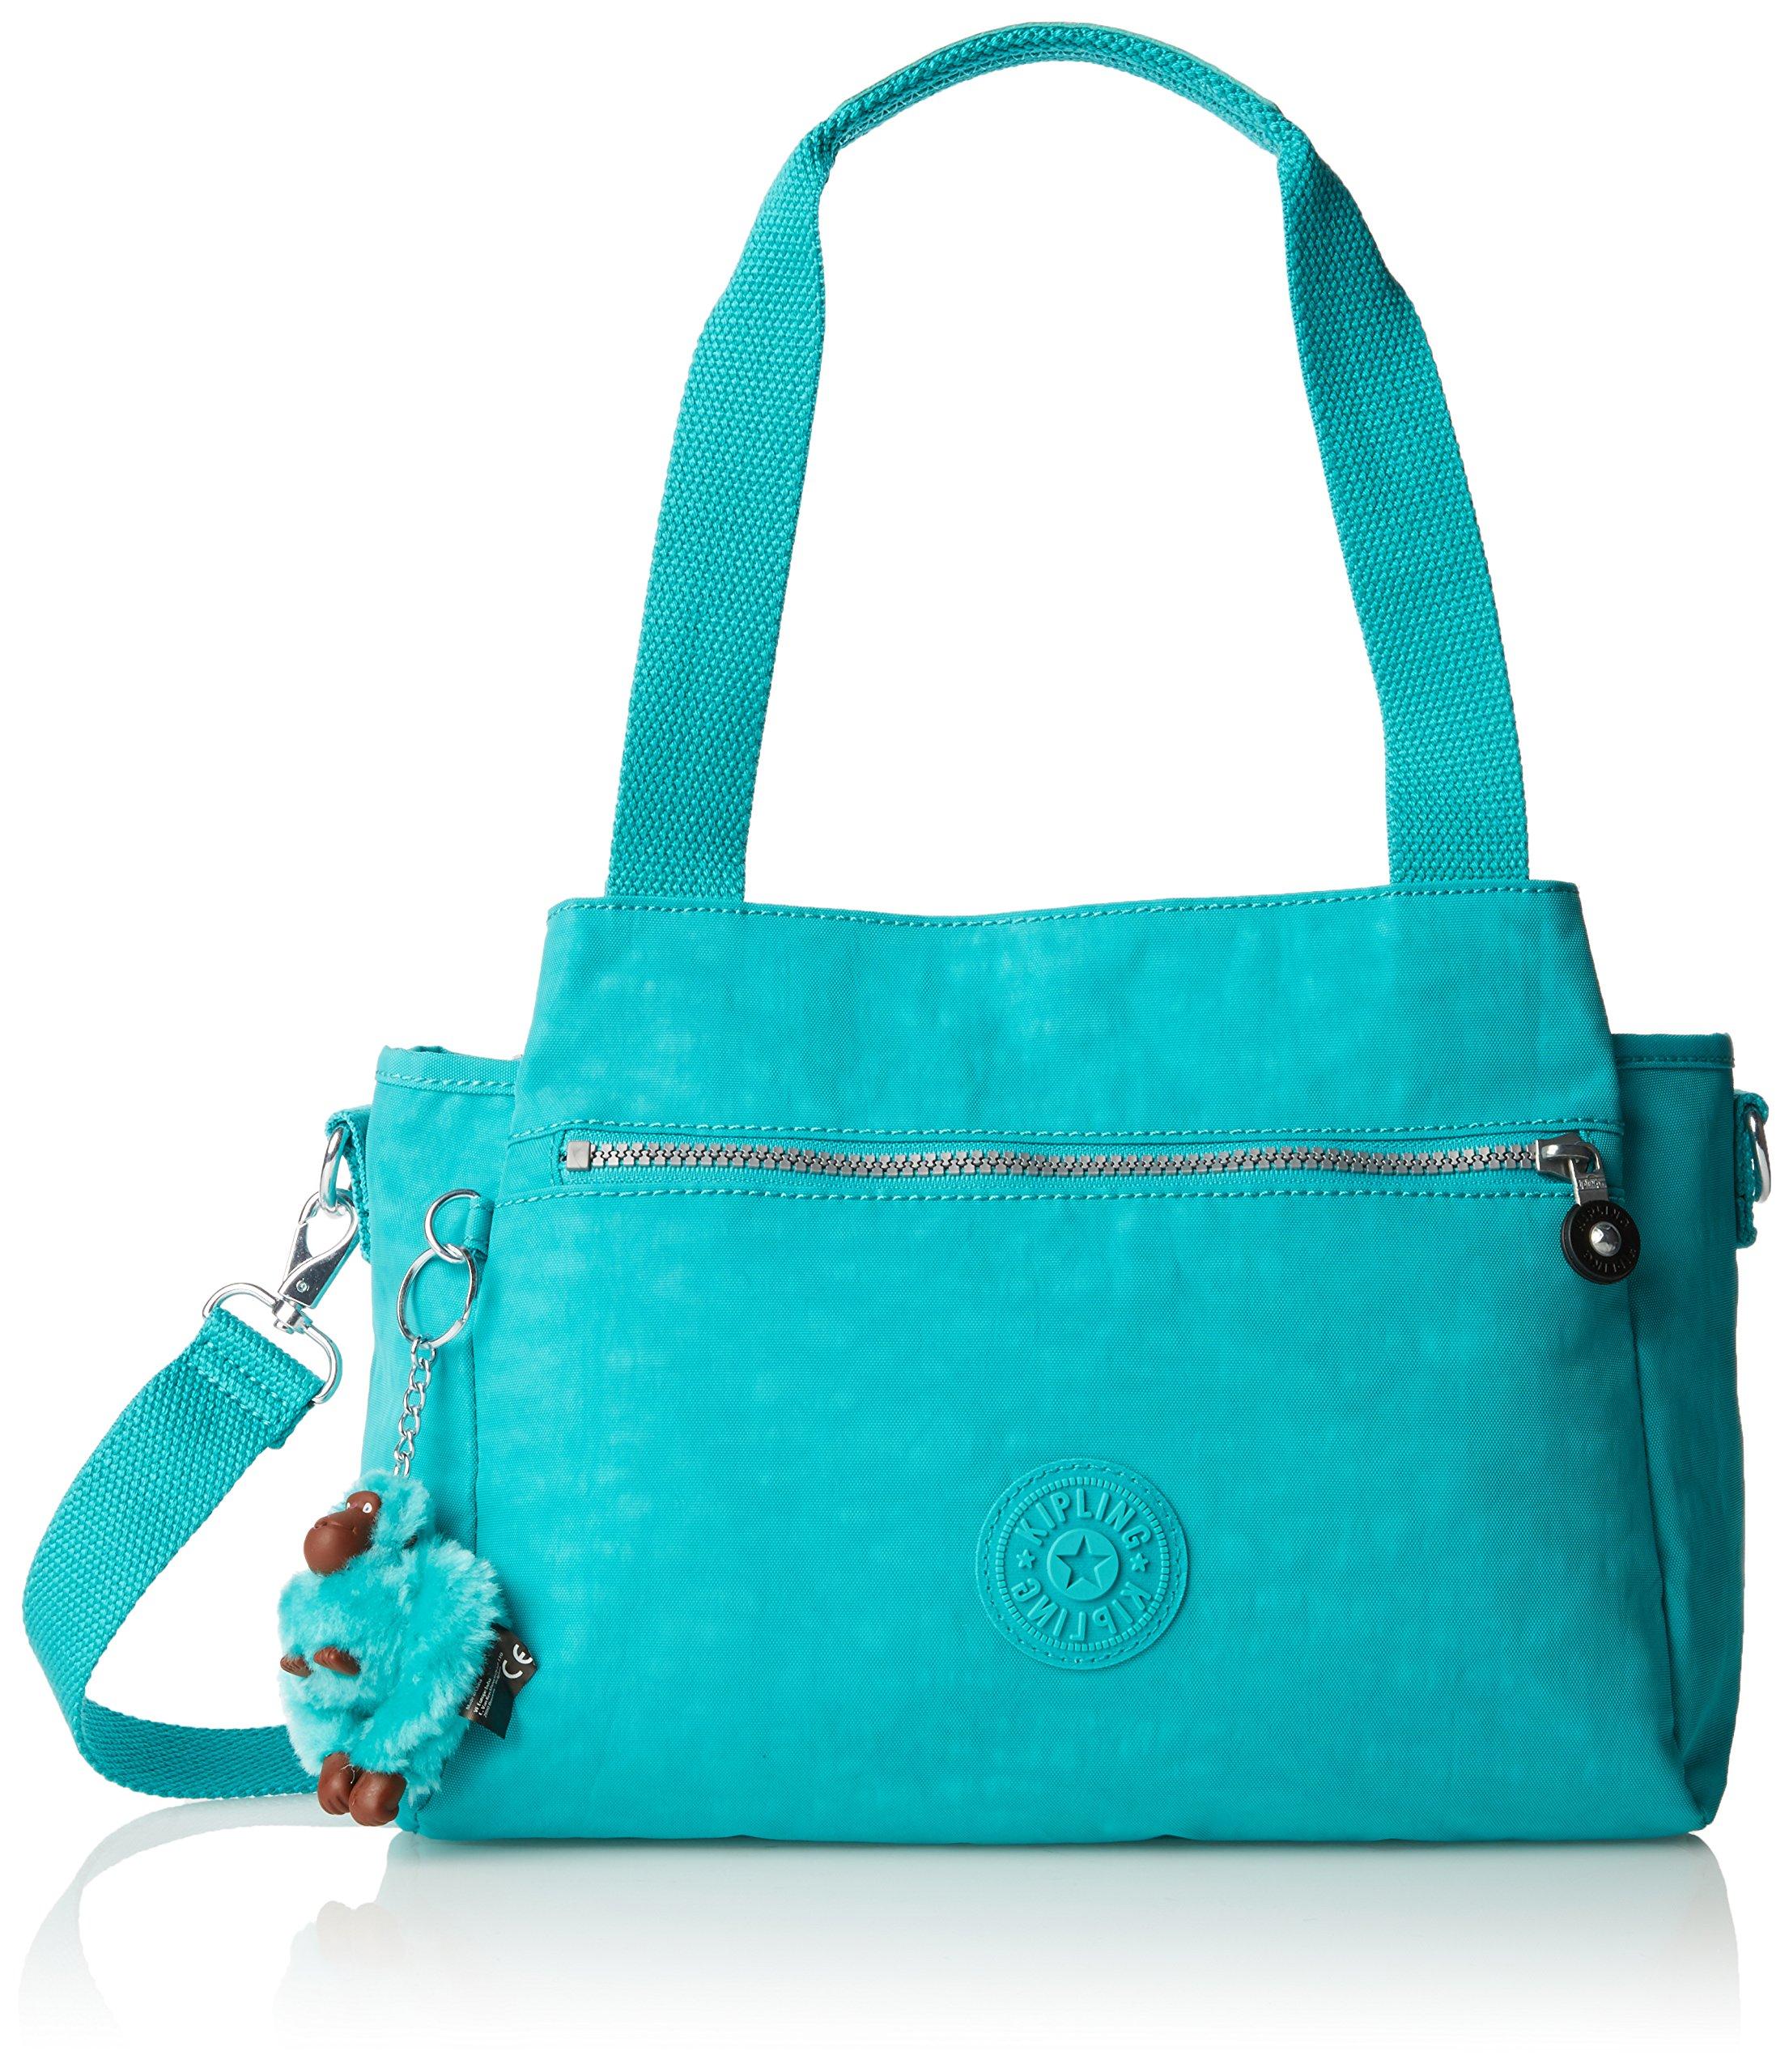 Kipling Portés Unique ElysiaSacs Épaule TurquoiseTaille FemmeTurquoisecool DYEeH2W9bI